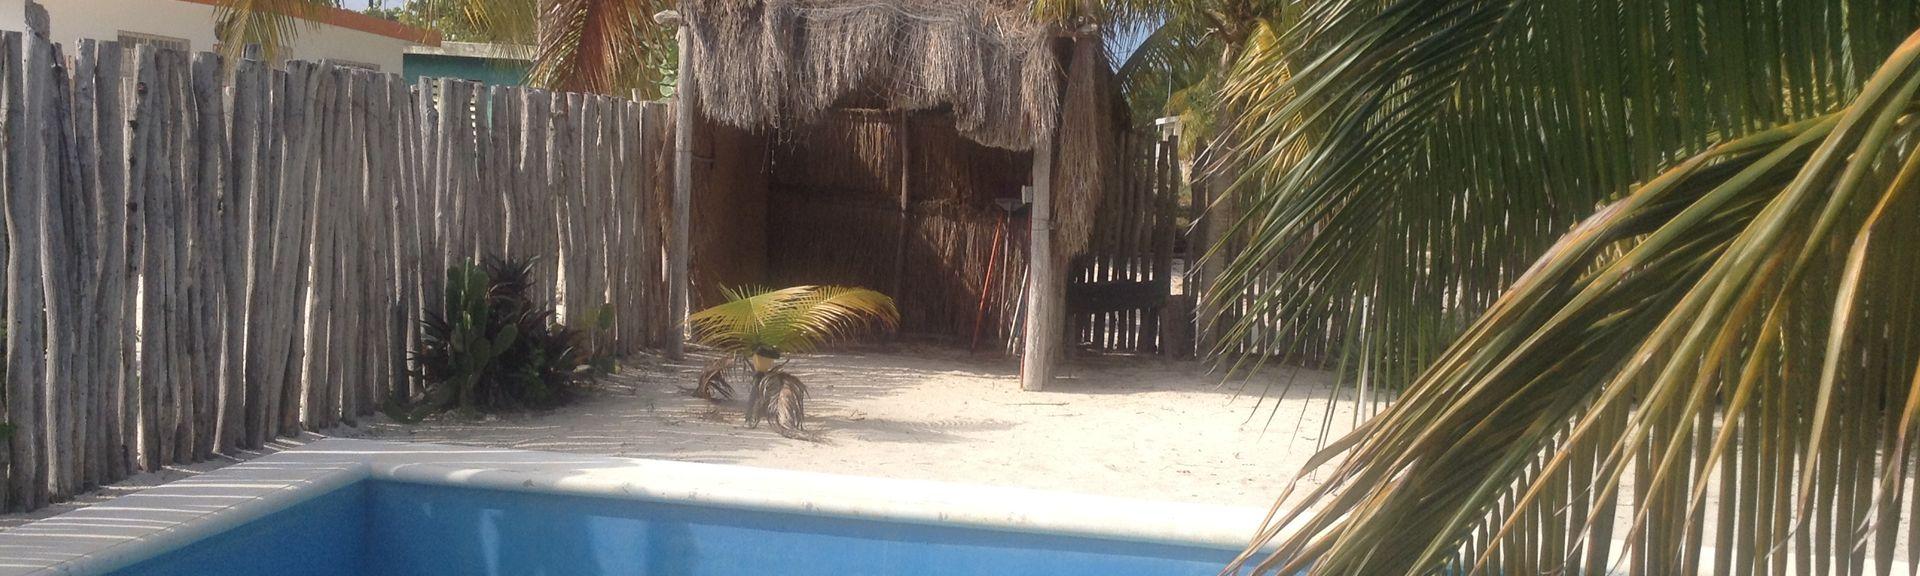 Chelem, Yucatan, Mexico